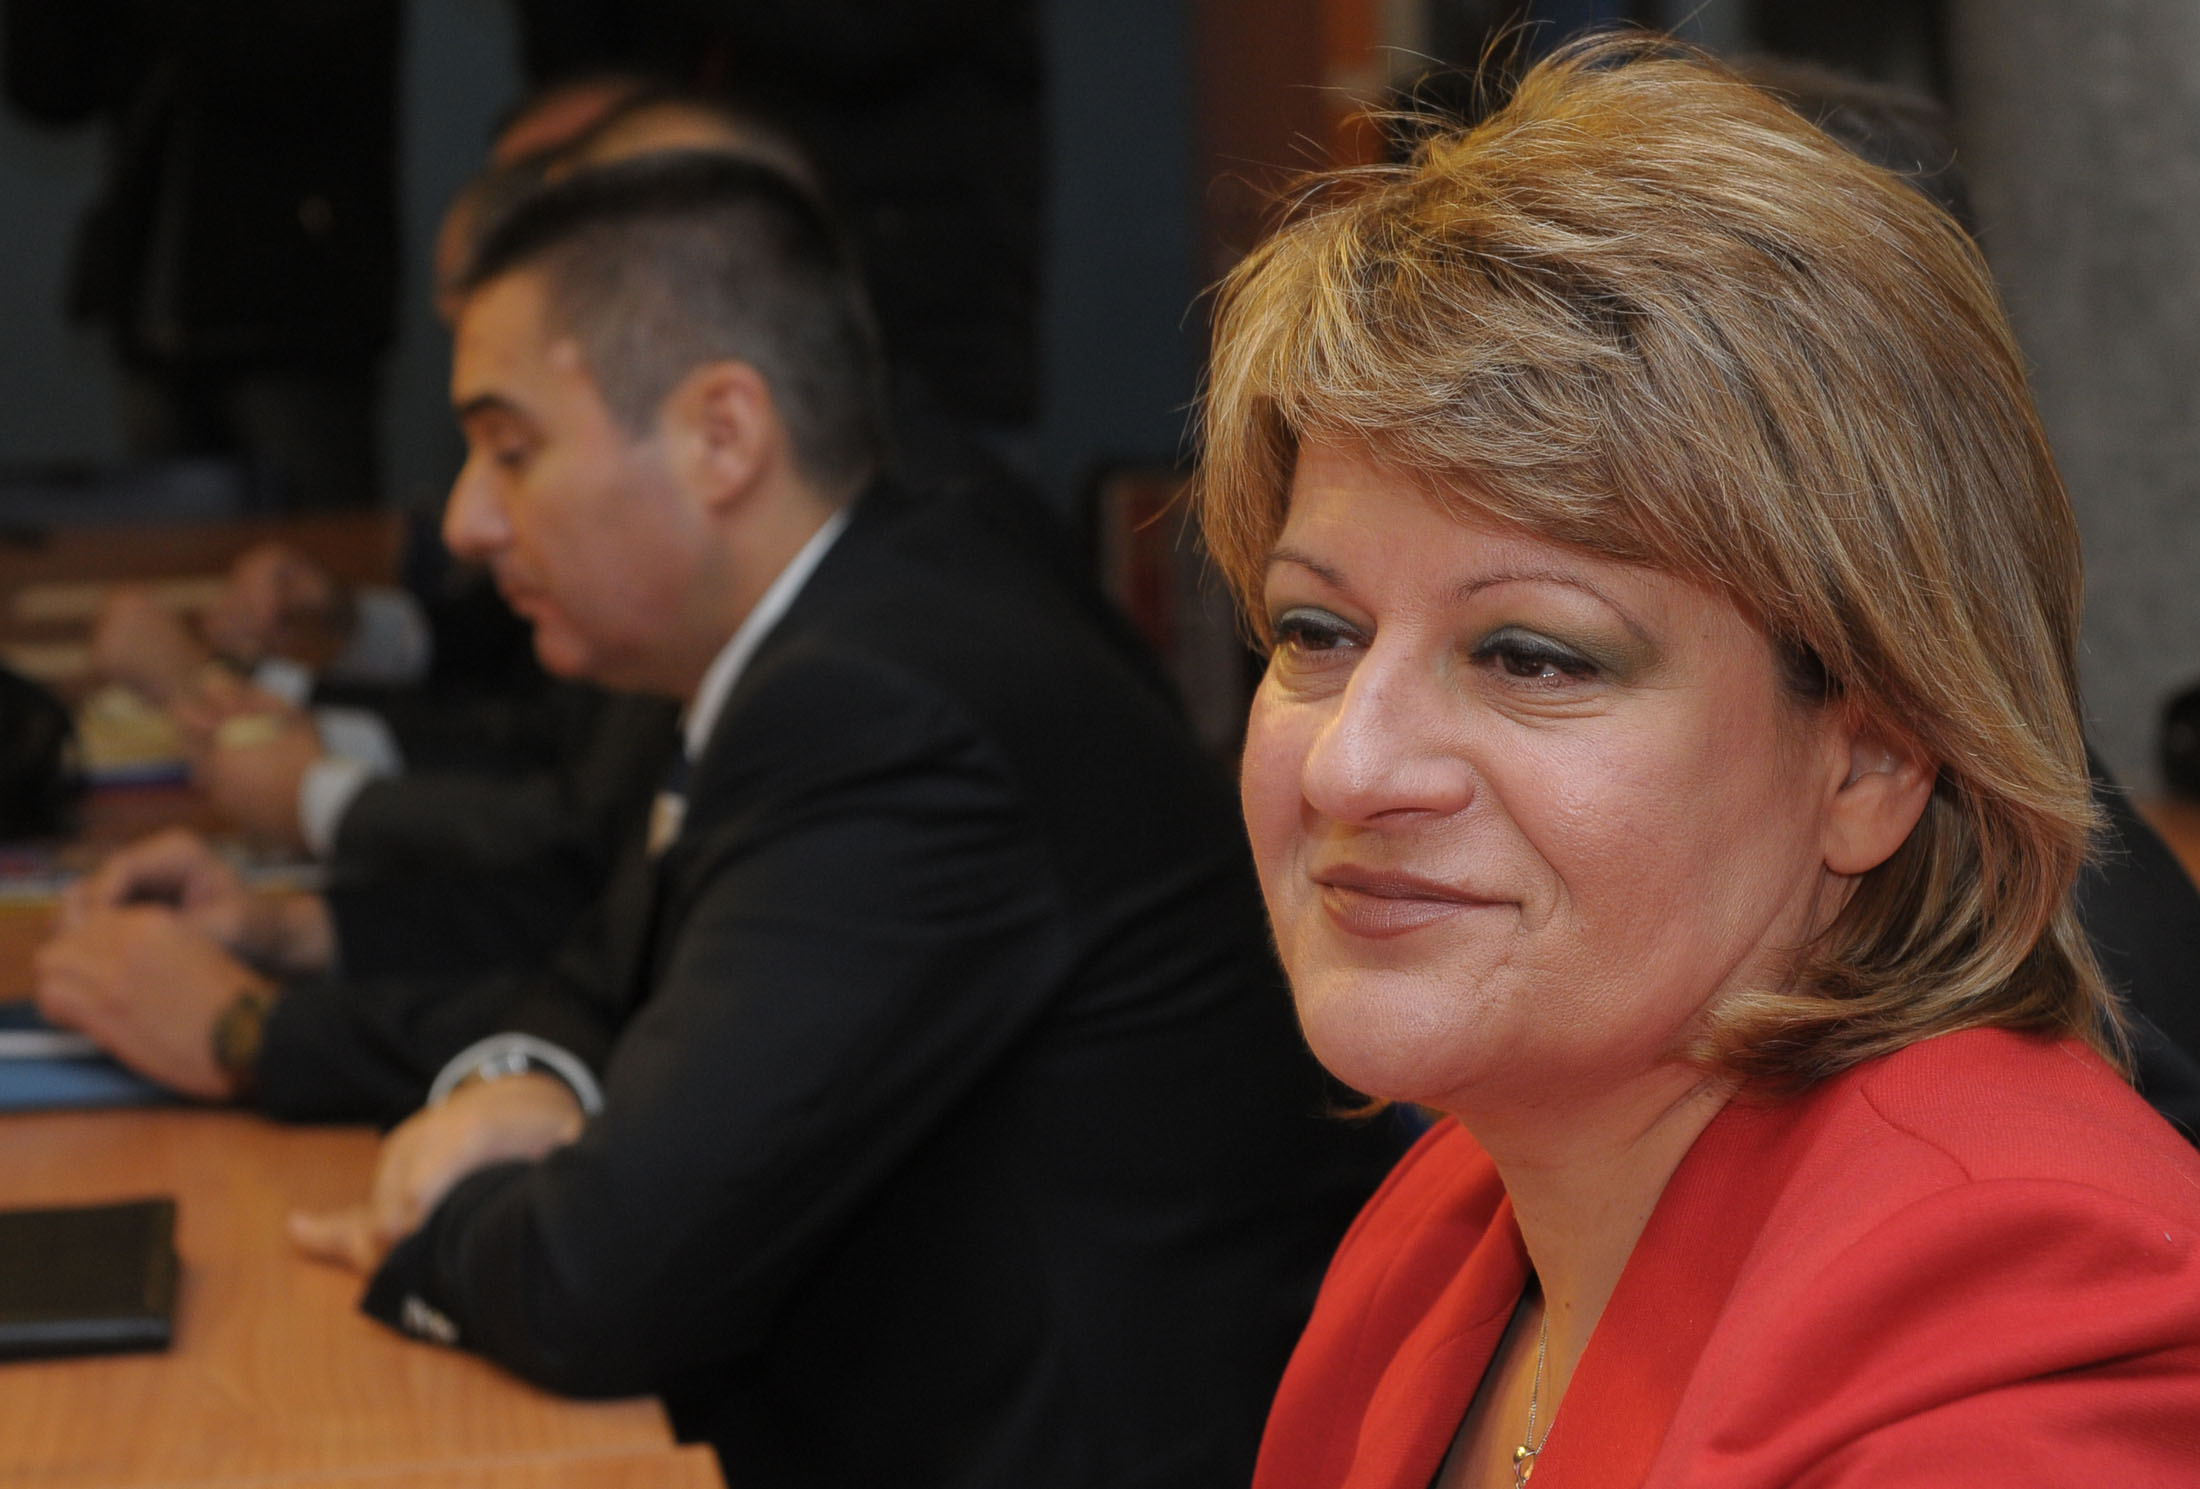 Đurđina Nina Ivanović